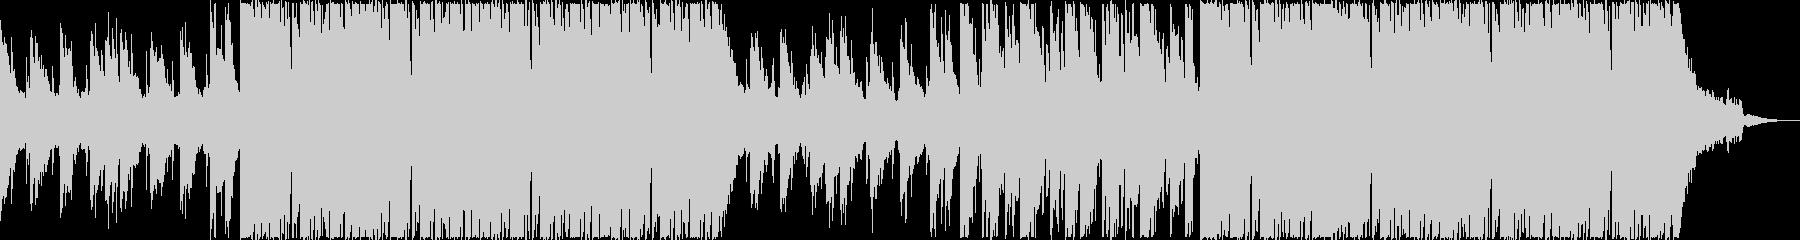 洋楽・おしゃれフューチャーR&B・BGMの未再生の波形